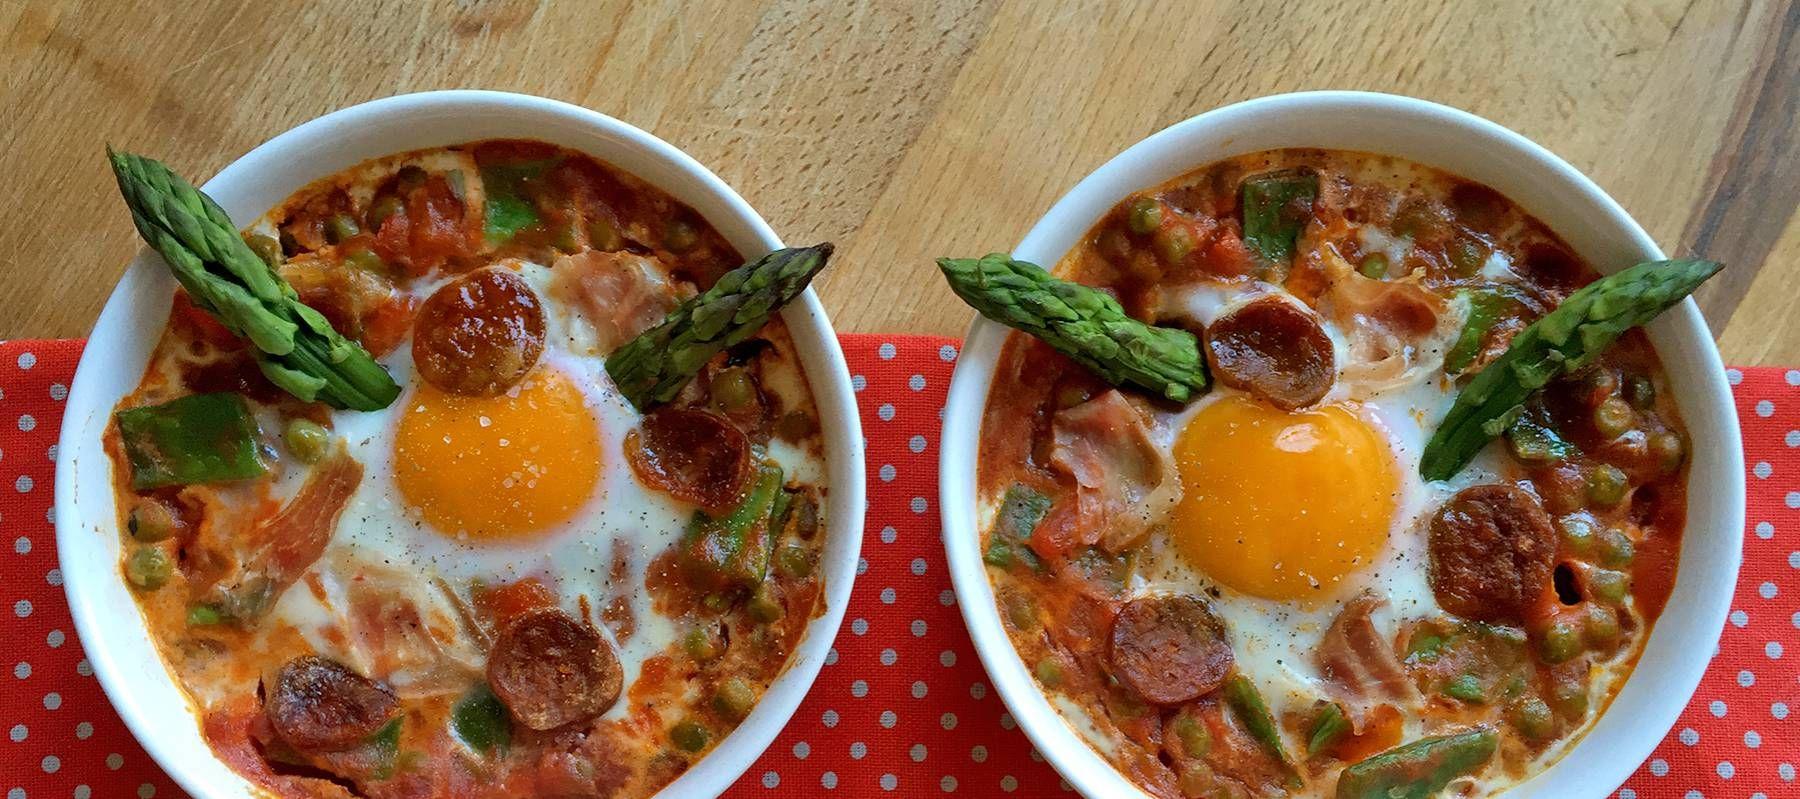 Huevos A La Flamenca Recetas De Comida Recetas Para Cocinar Recetas De Cocina